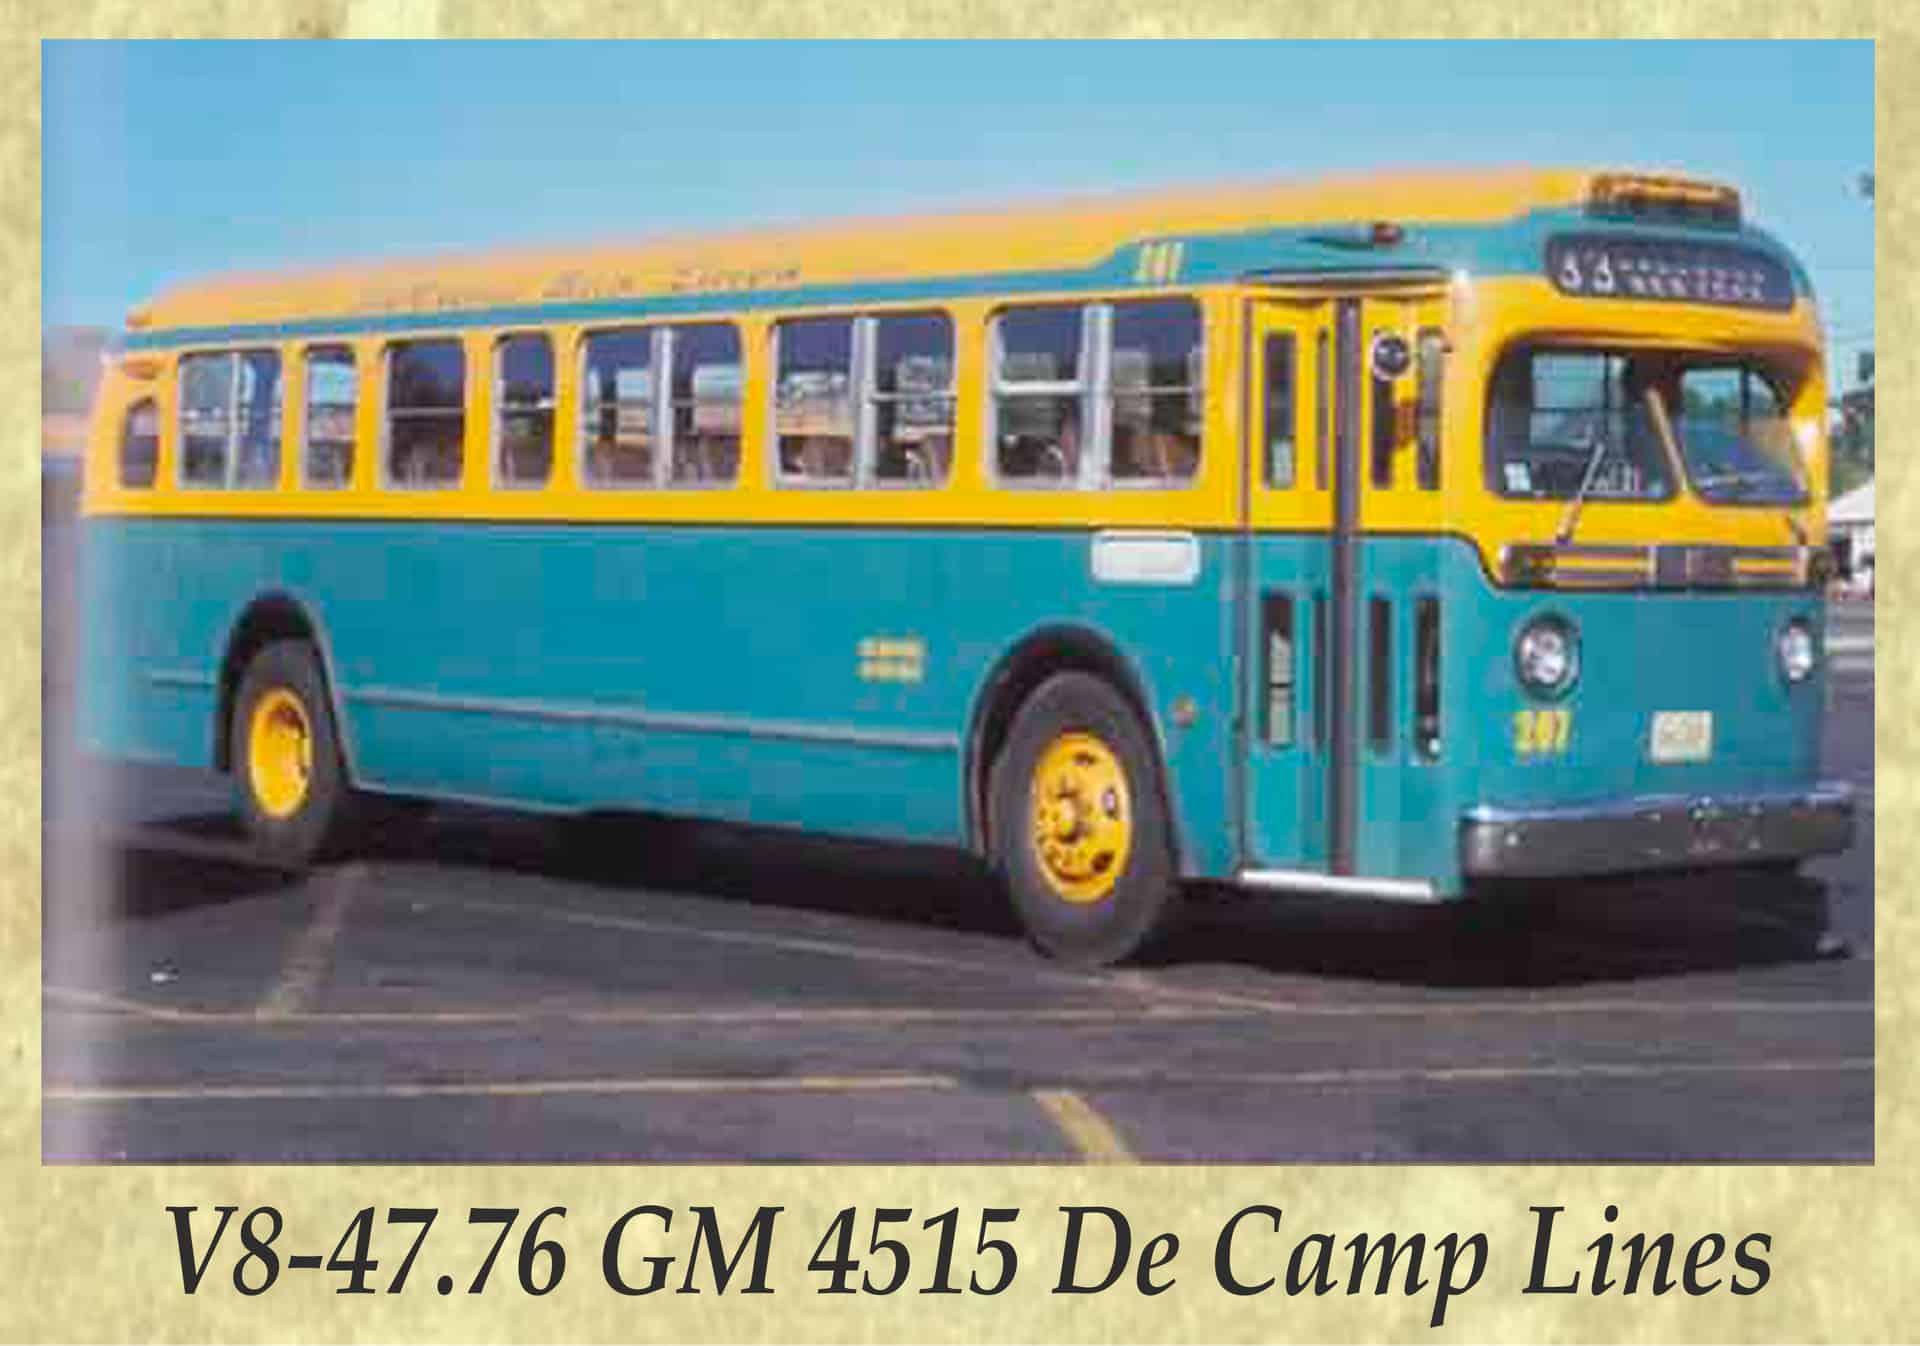 V8-47.76 GM 4515 De Camp Lines